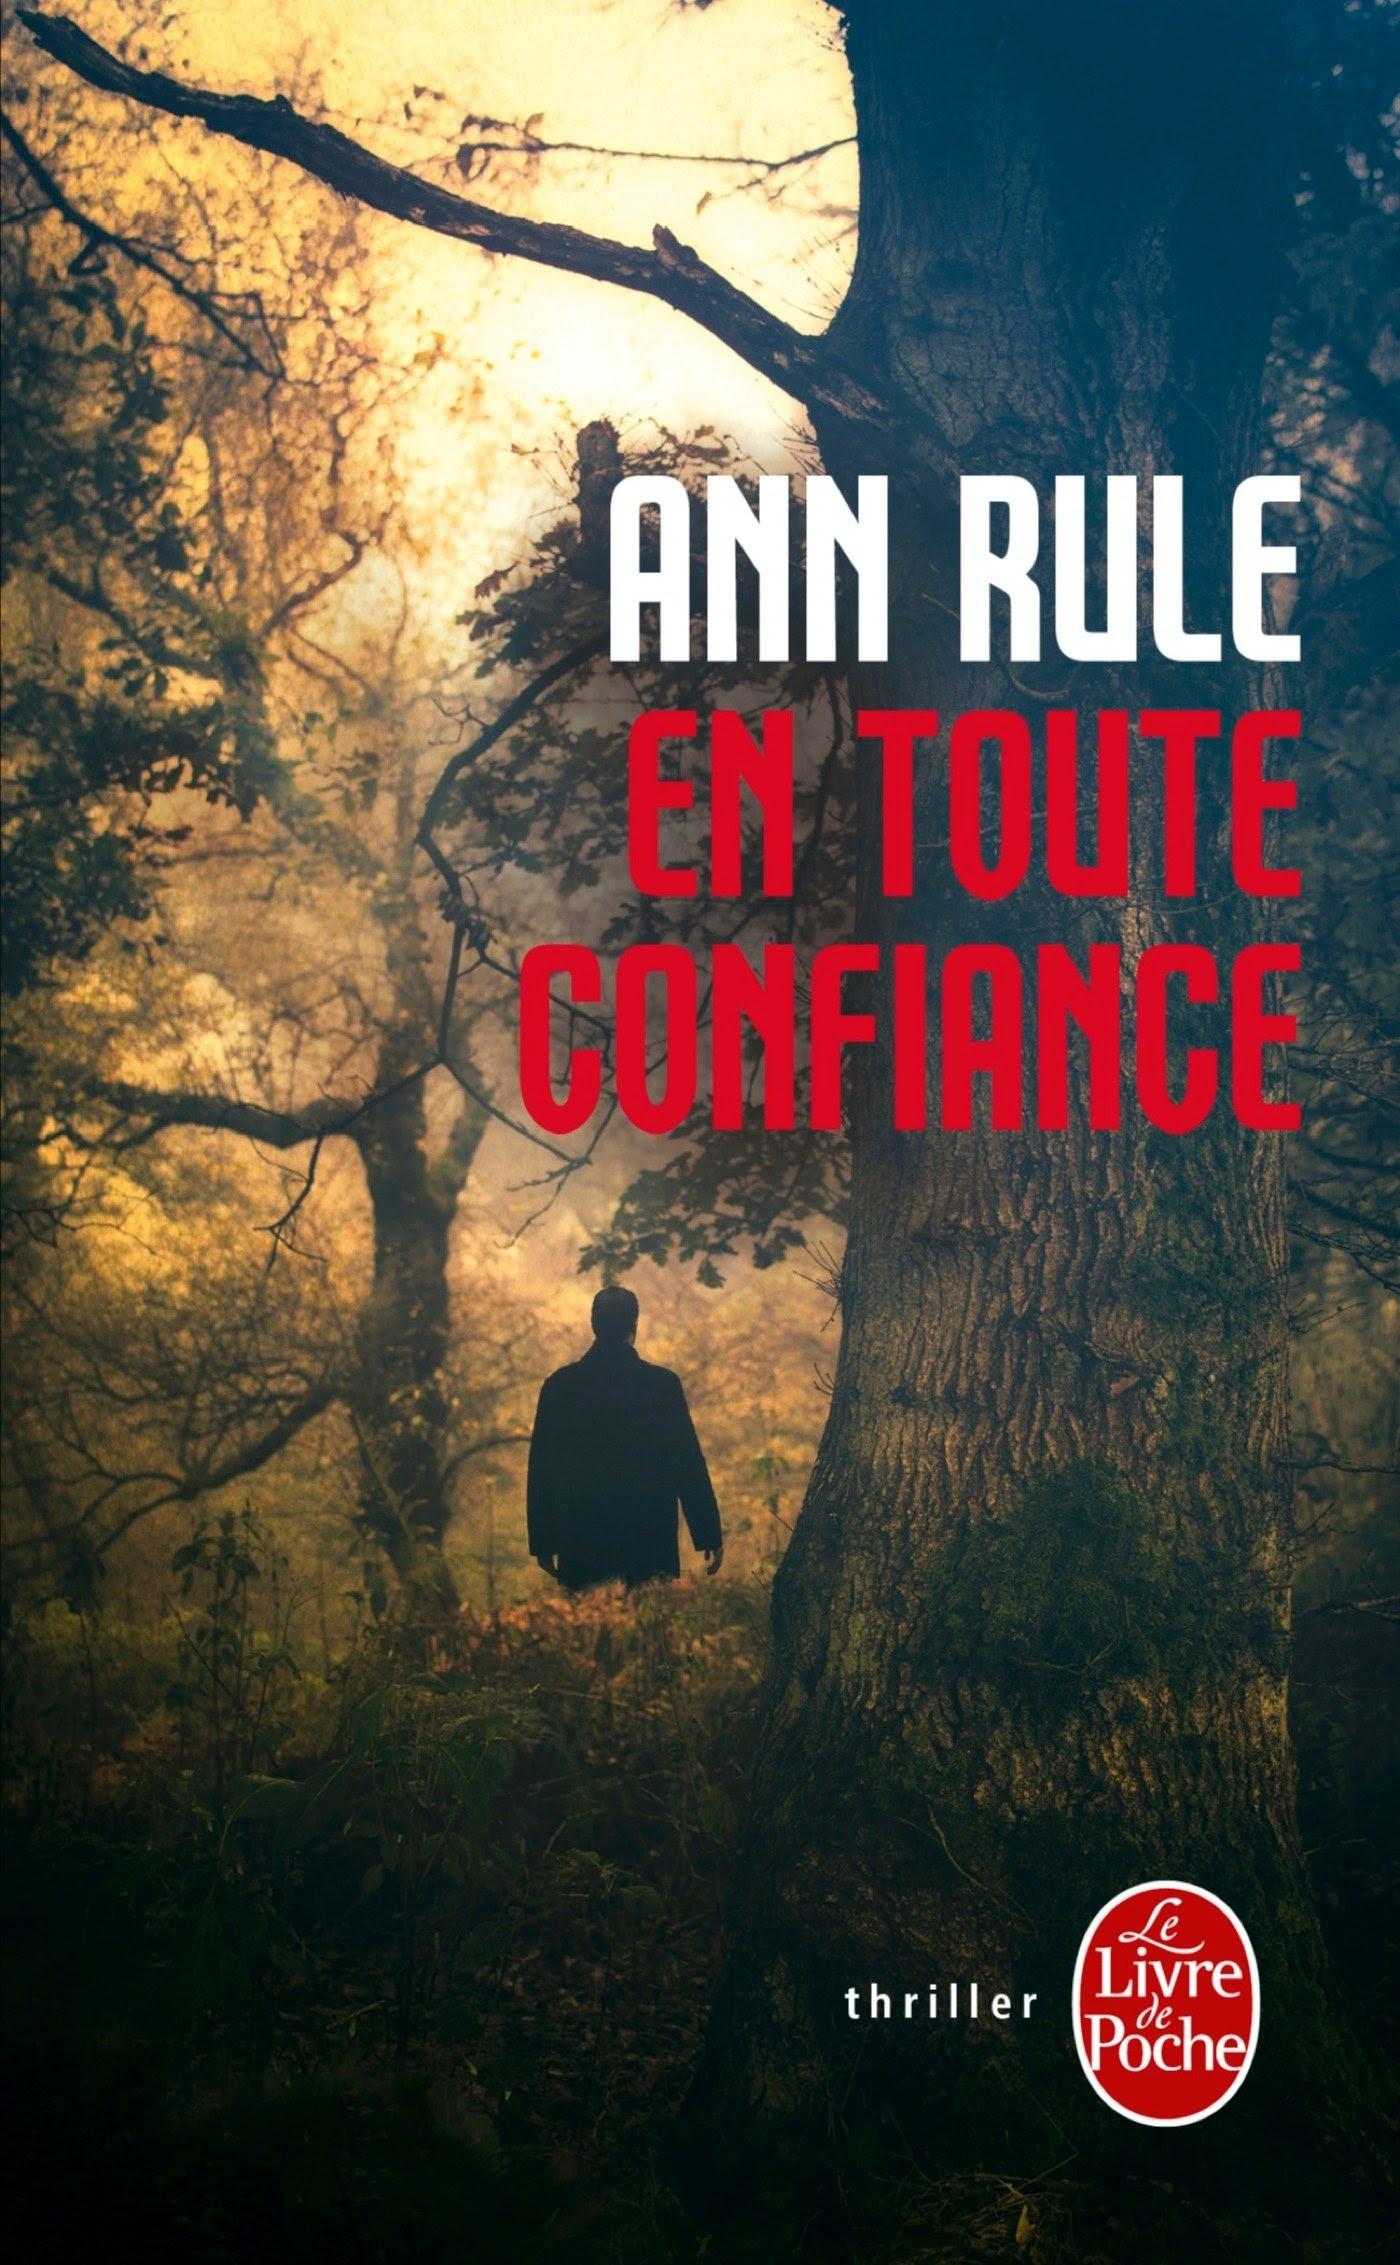 http://lesvictimesdelouve.blogspot.fr/2014/10/en-toute-confiance-dann-rule.html